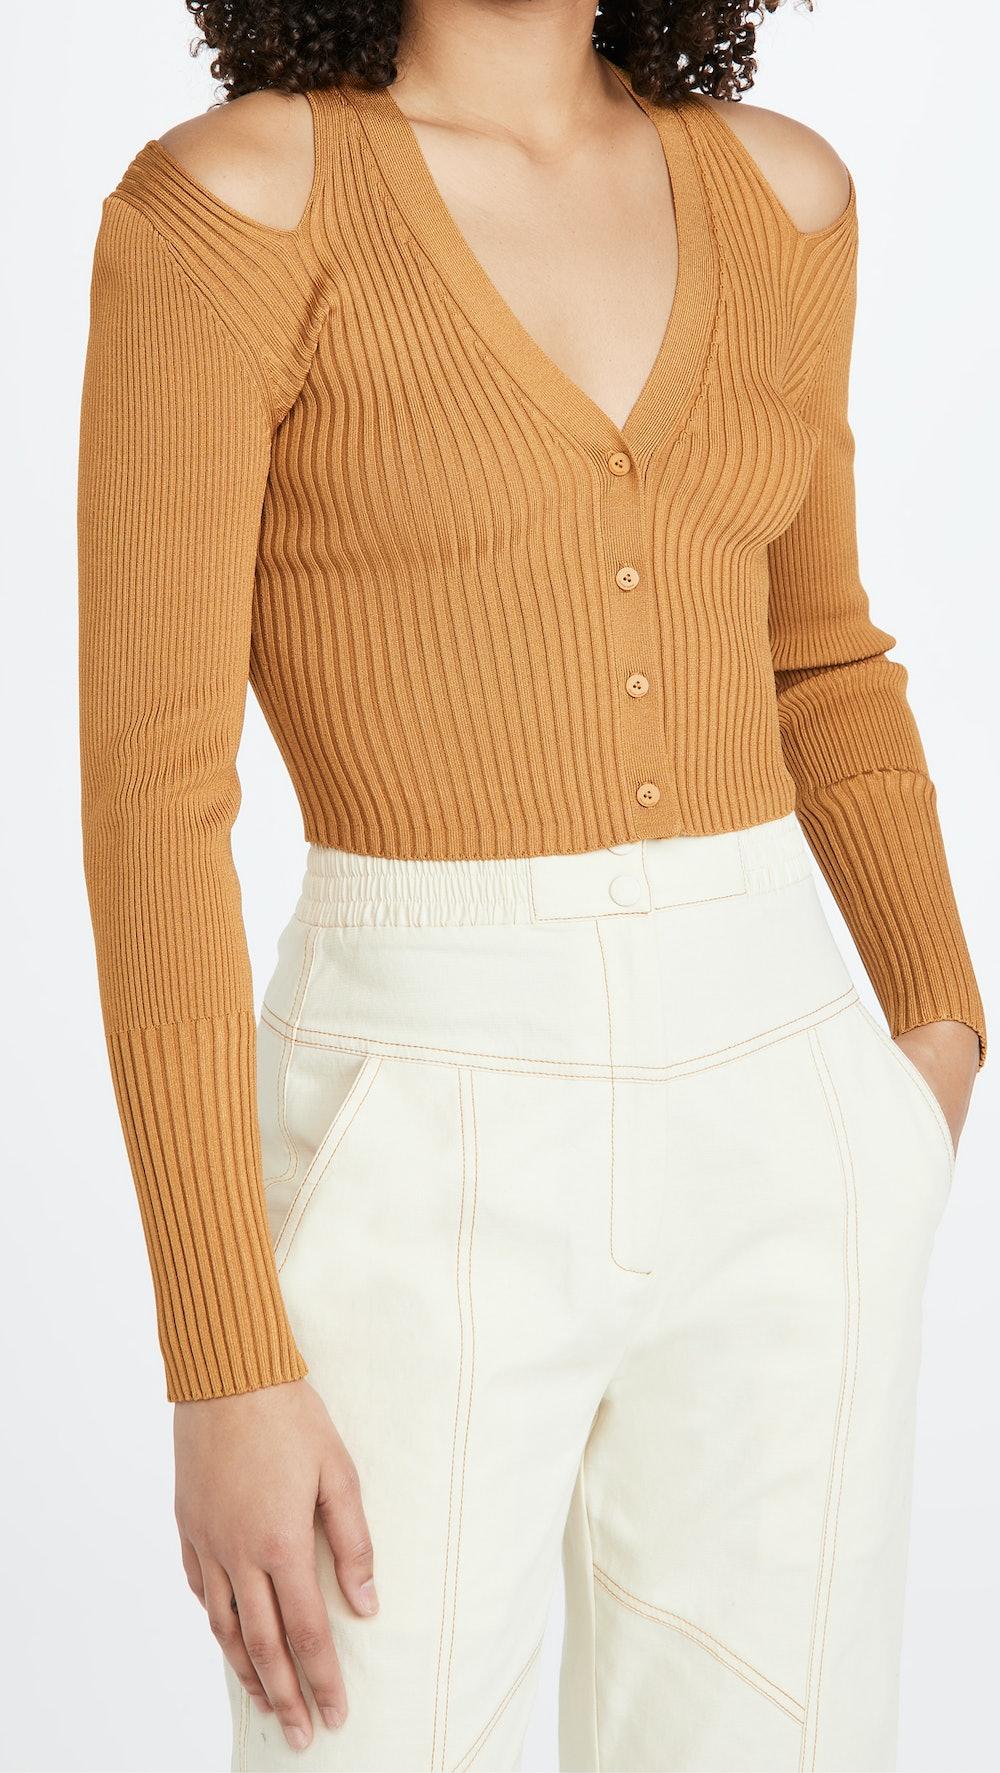 Jolie Cut Out Shoulder Cardigan